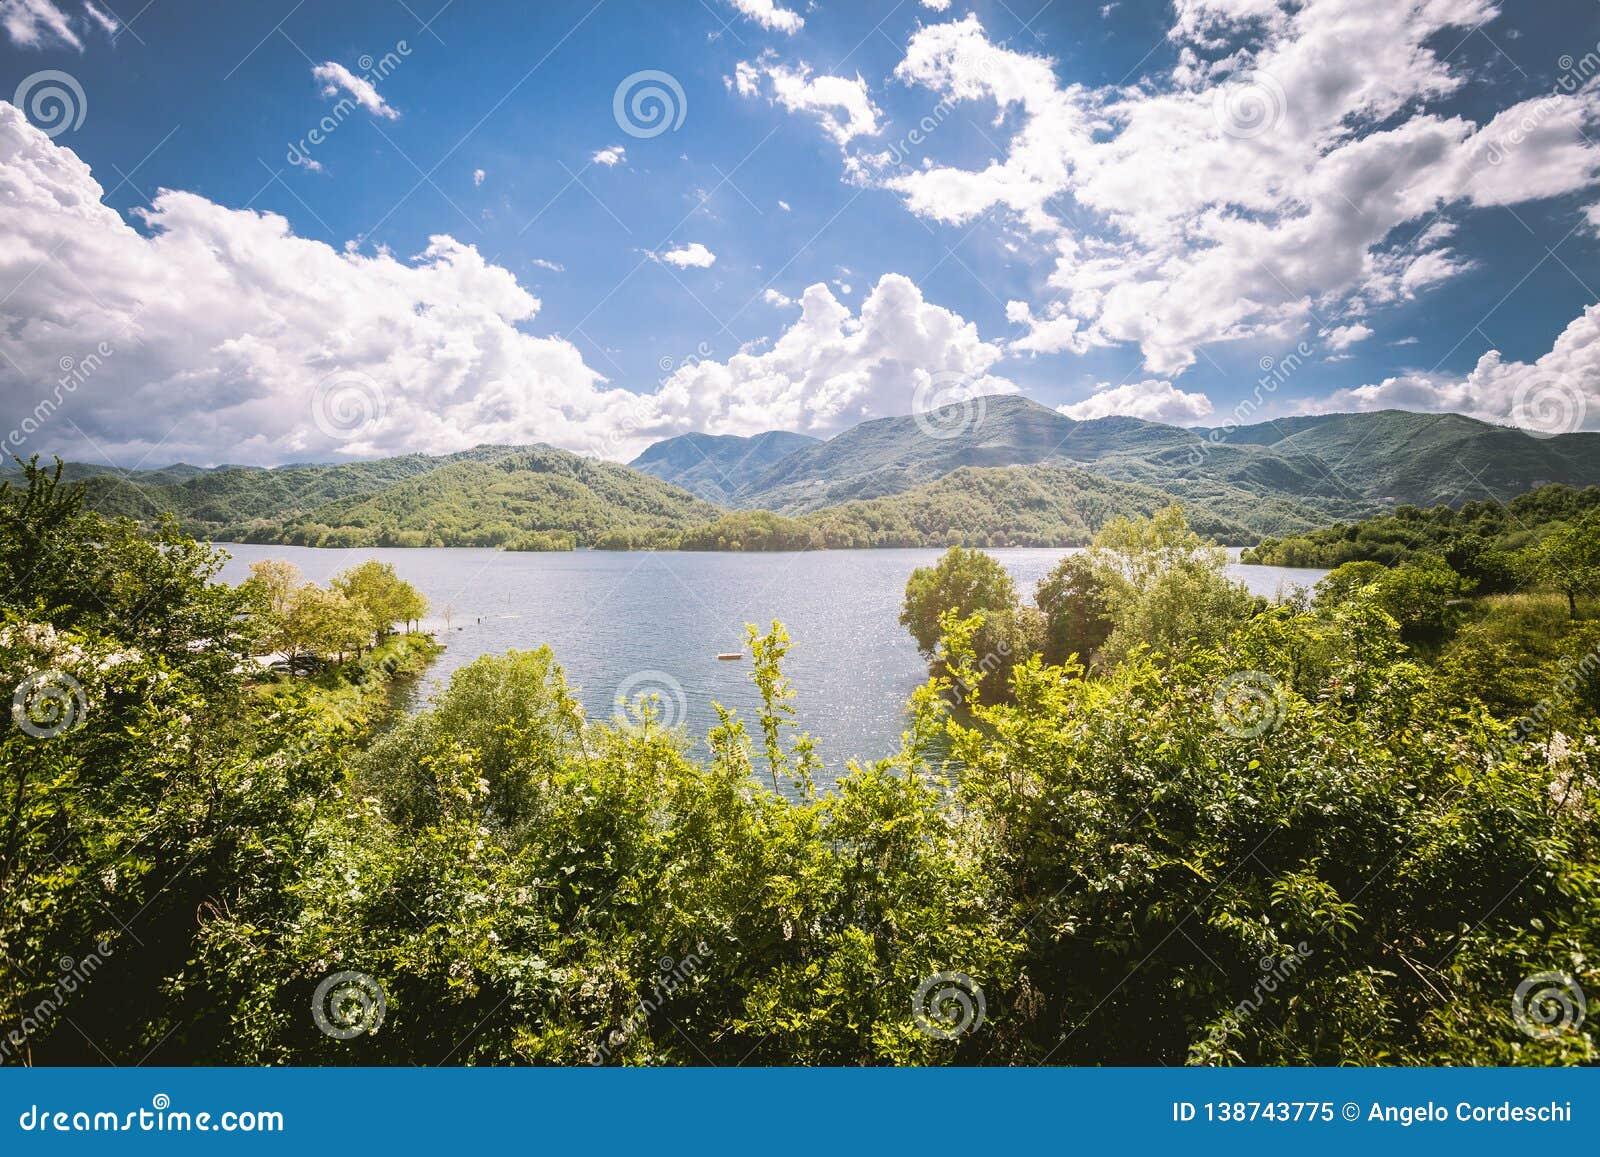 Panorama d un lac avec la végétation verte autour Bassin naturel avec la forêt et les montagnes